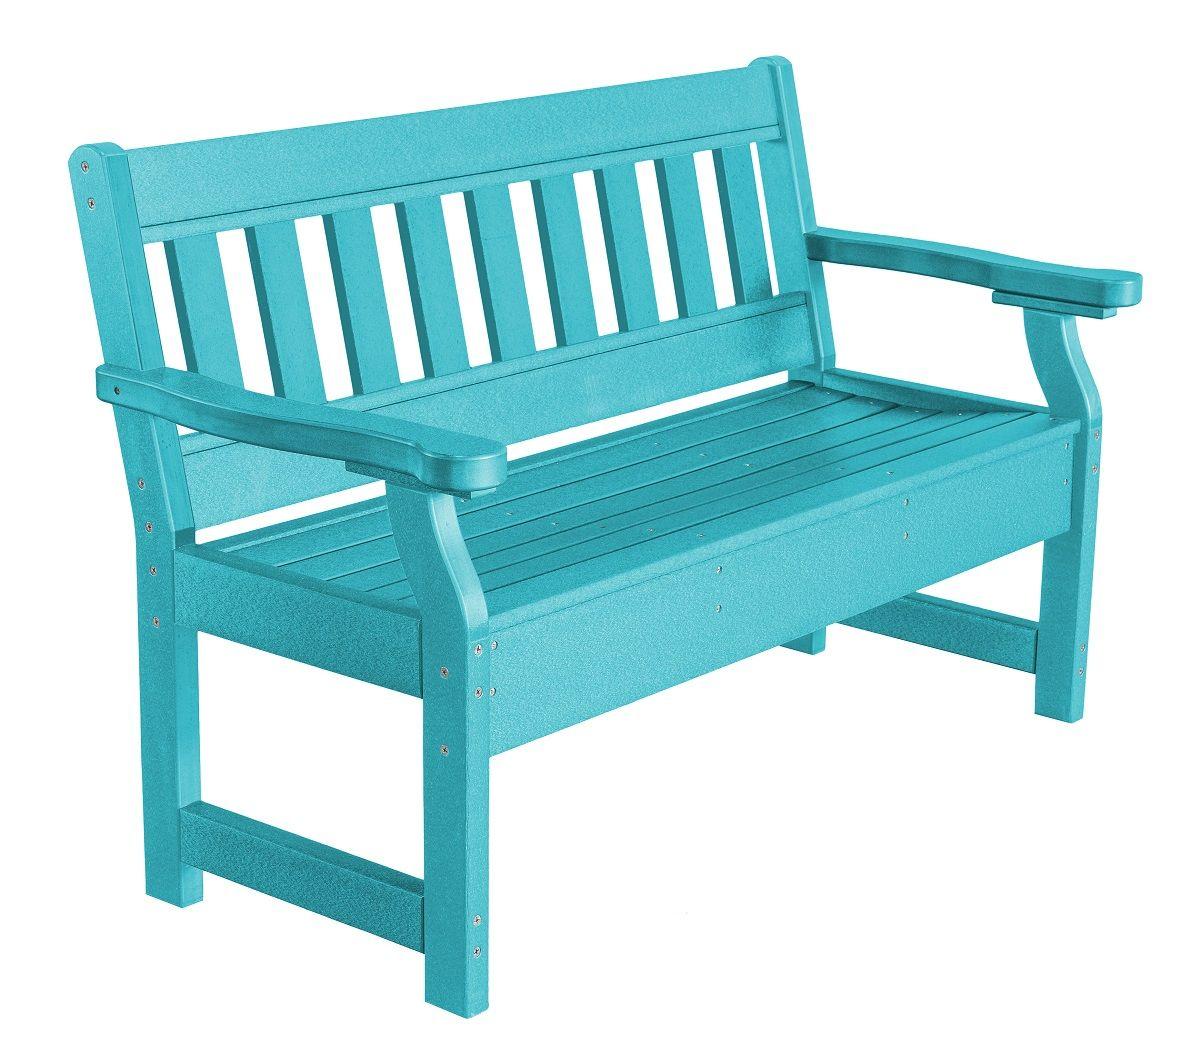 Aruba Blue Aden Garden Bench